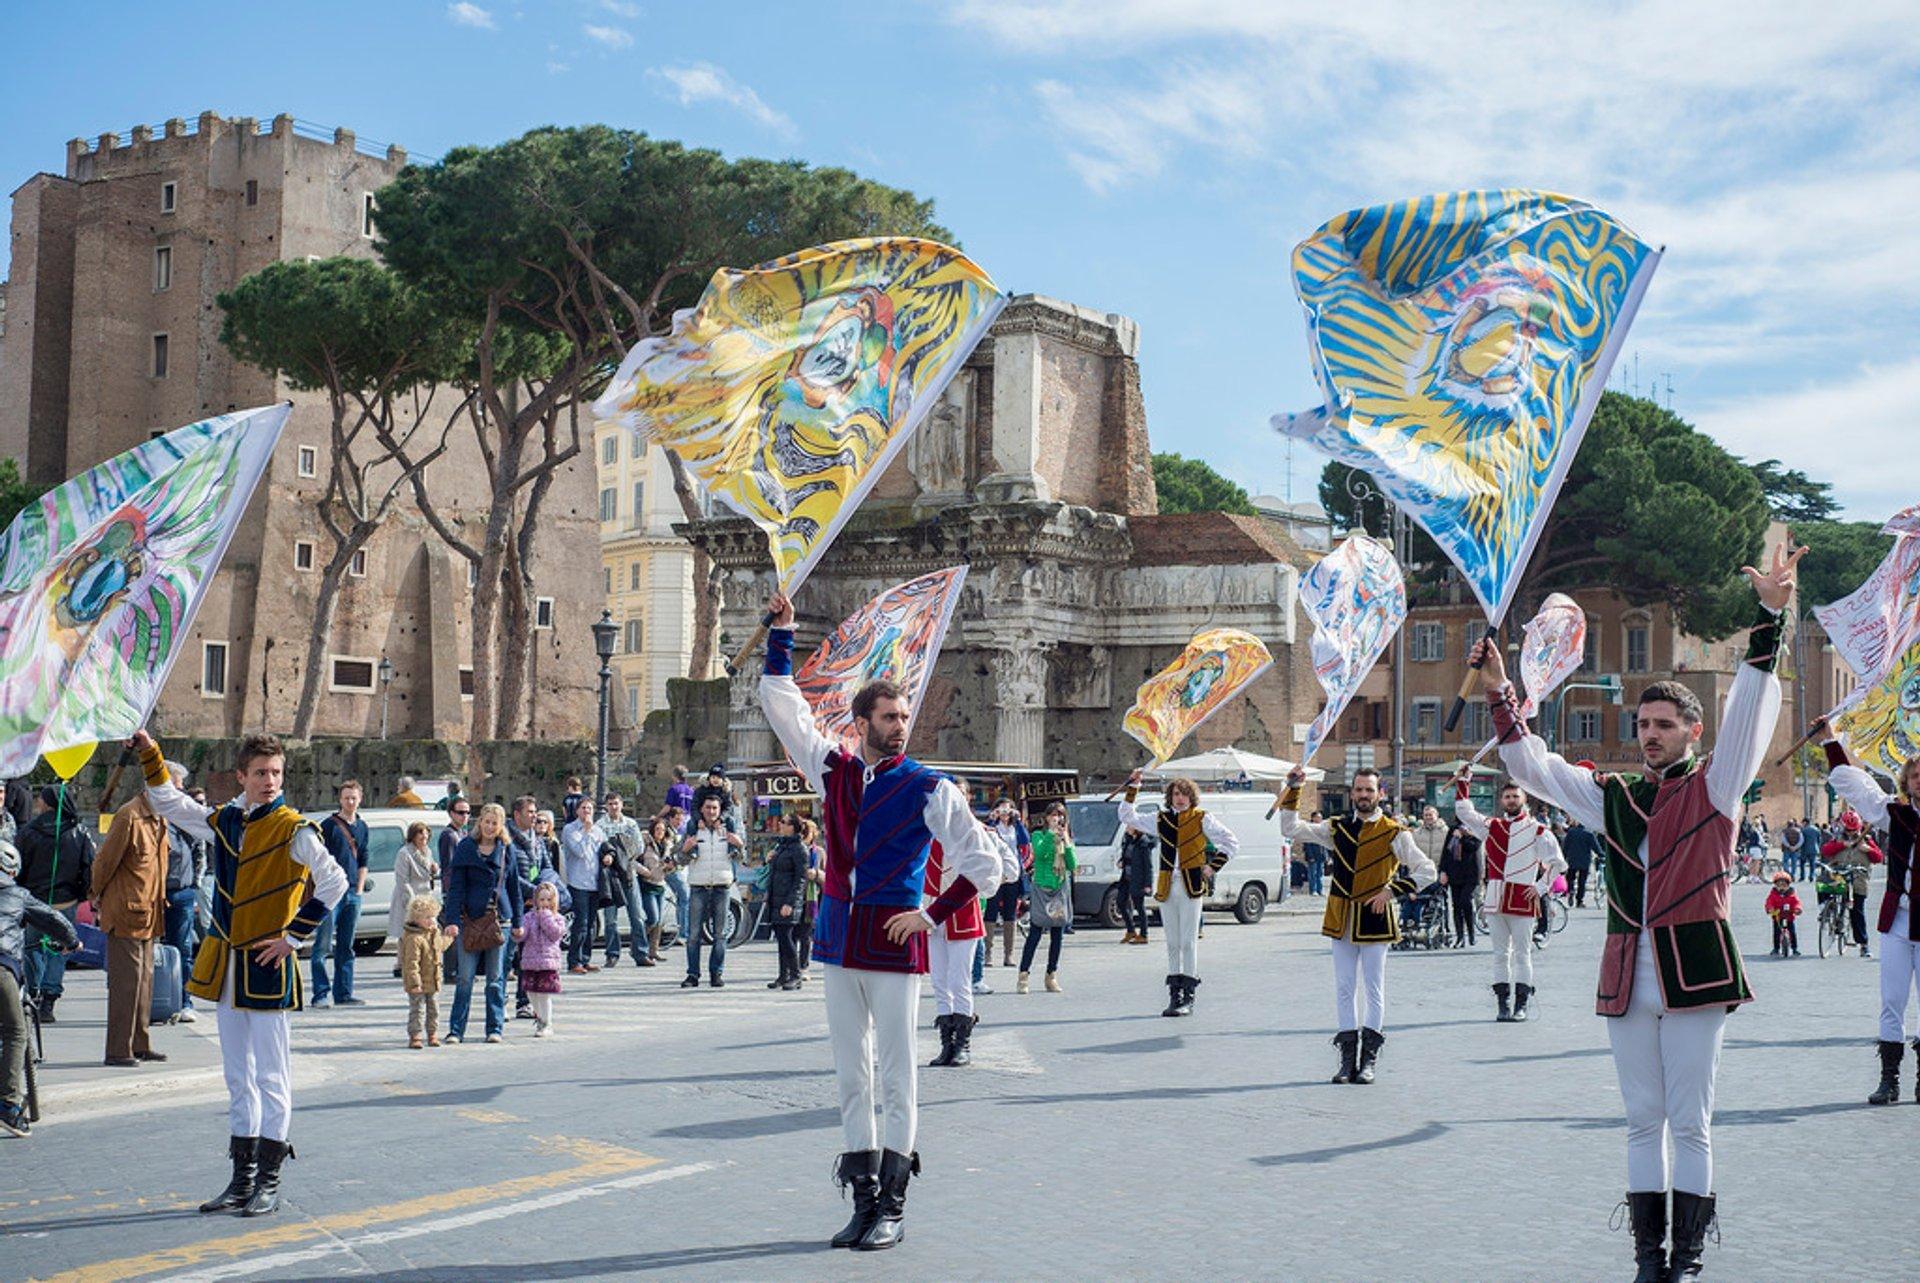 Carnevale di Roma in Rome 2019 - Best Time